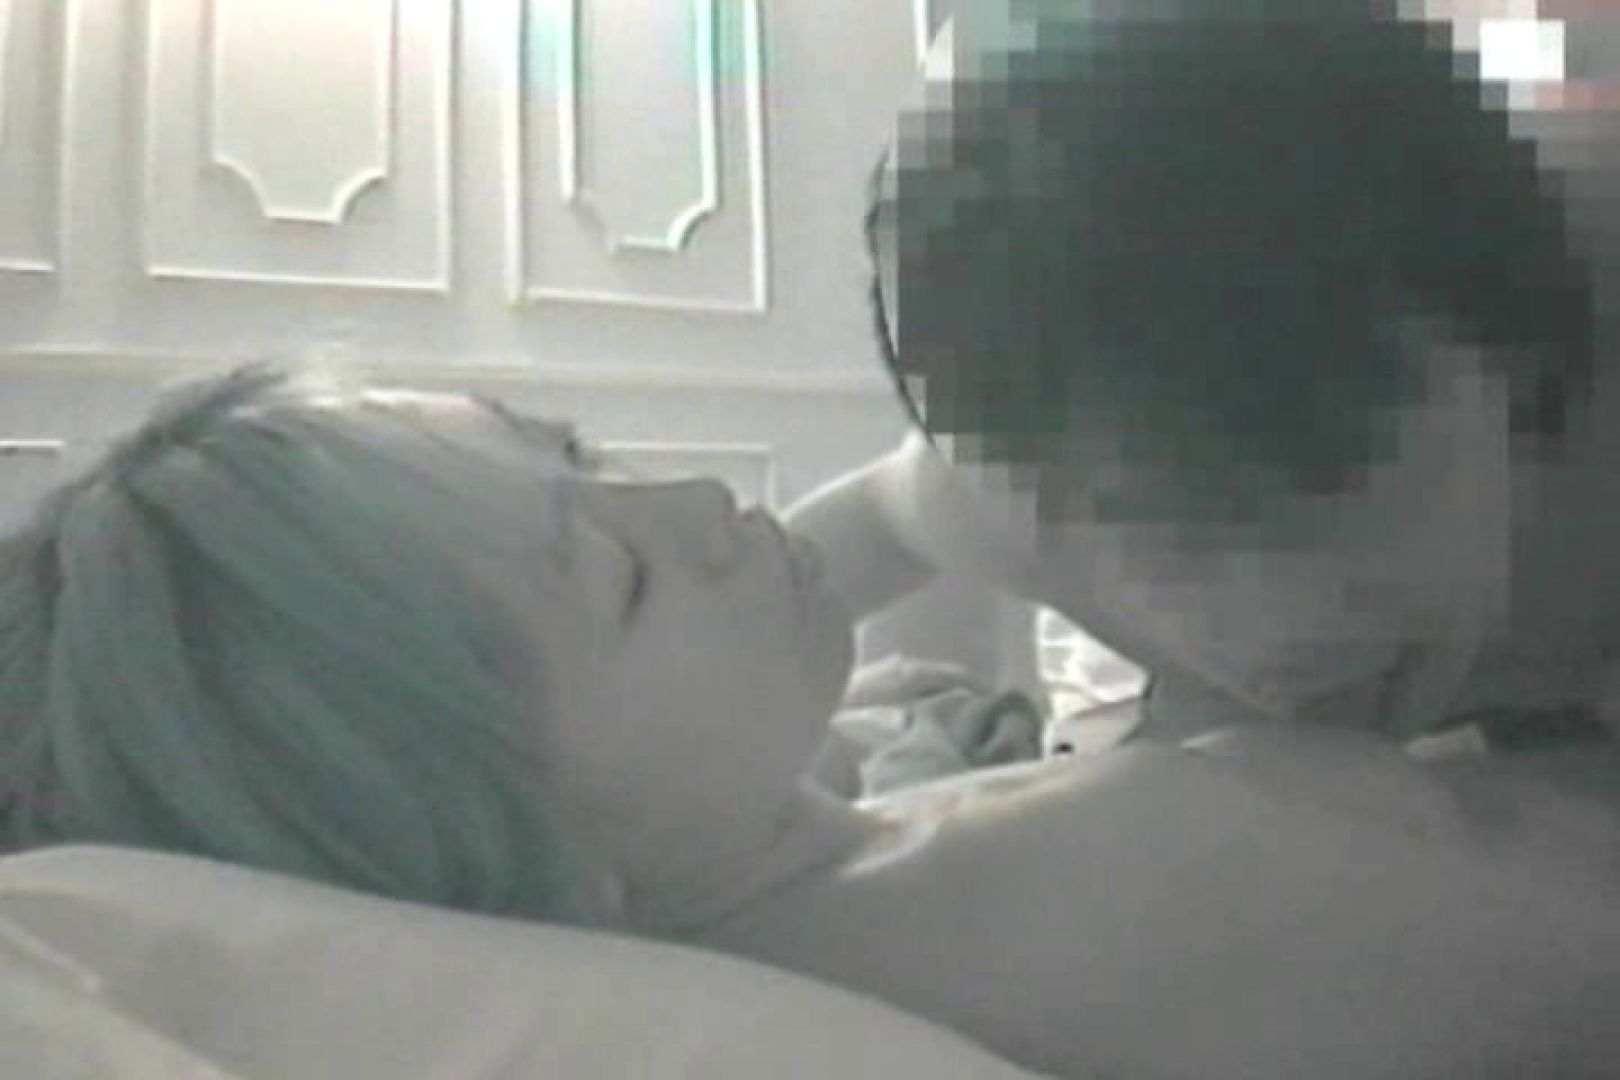 素人嬢をホテルに連れ込みアンナ事・コンナ事!?Vol.2 すけべな美女   フェラ  92画像 1